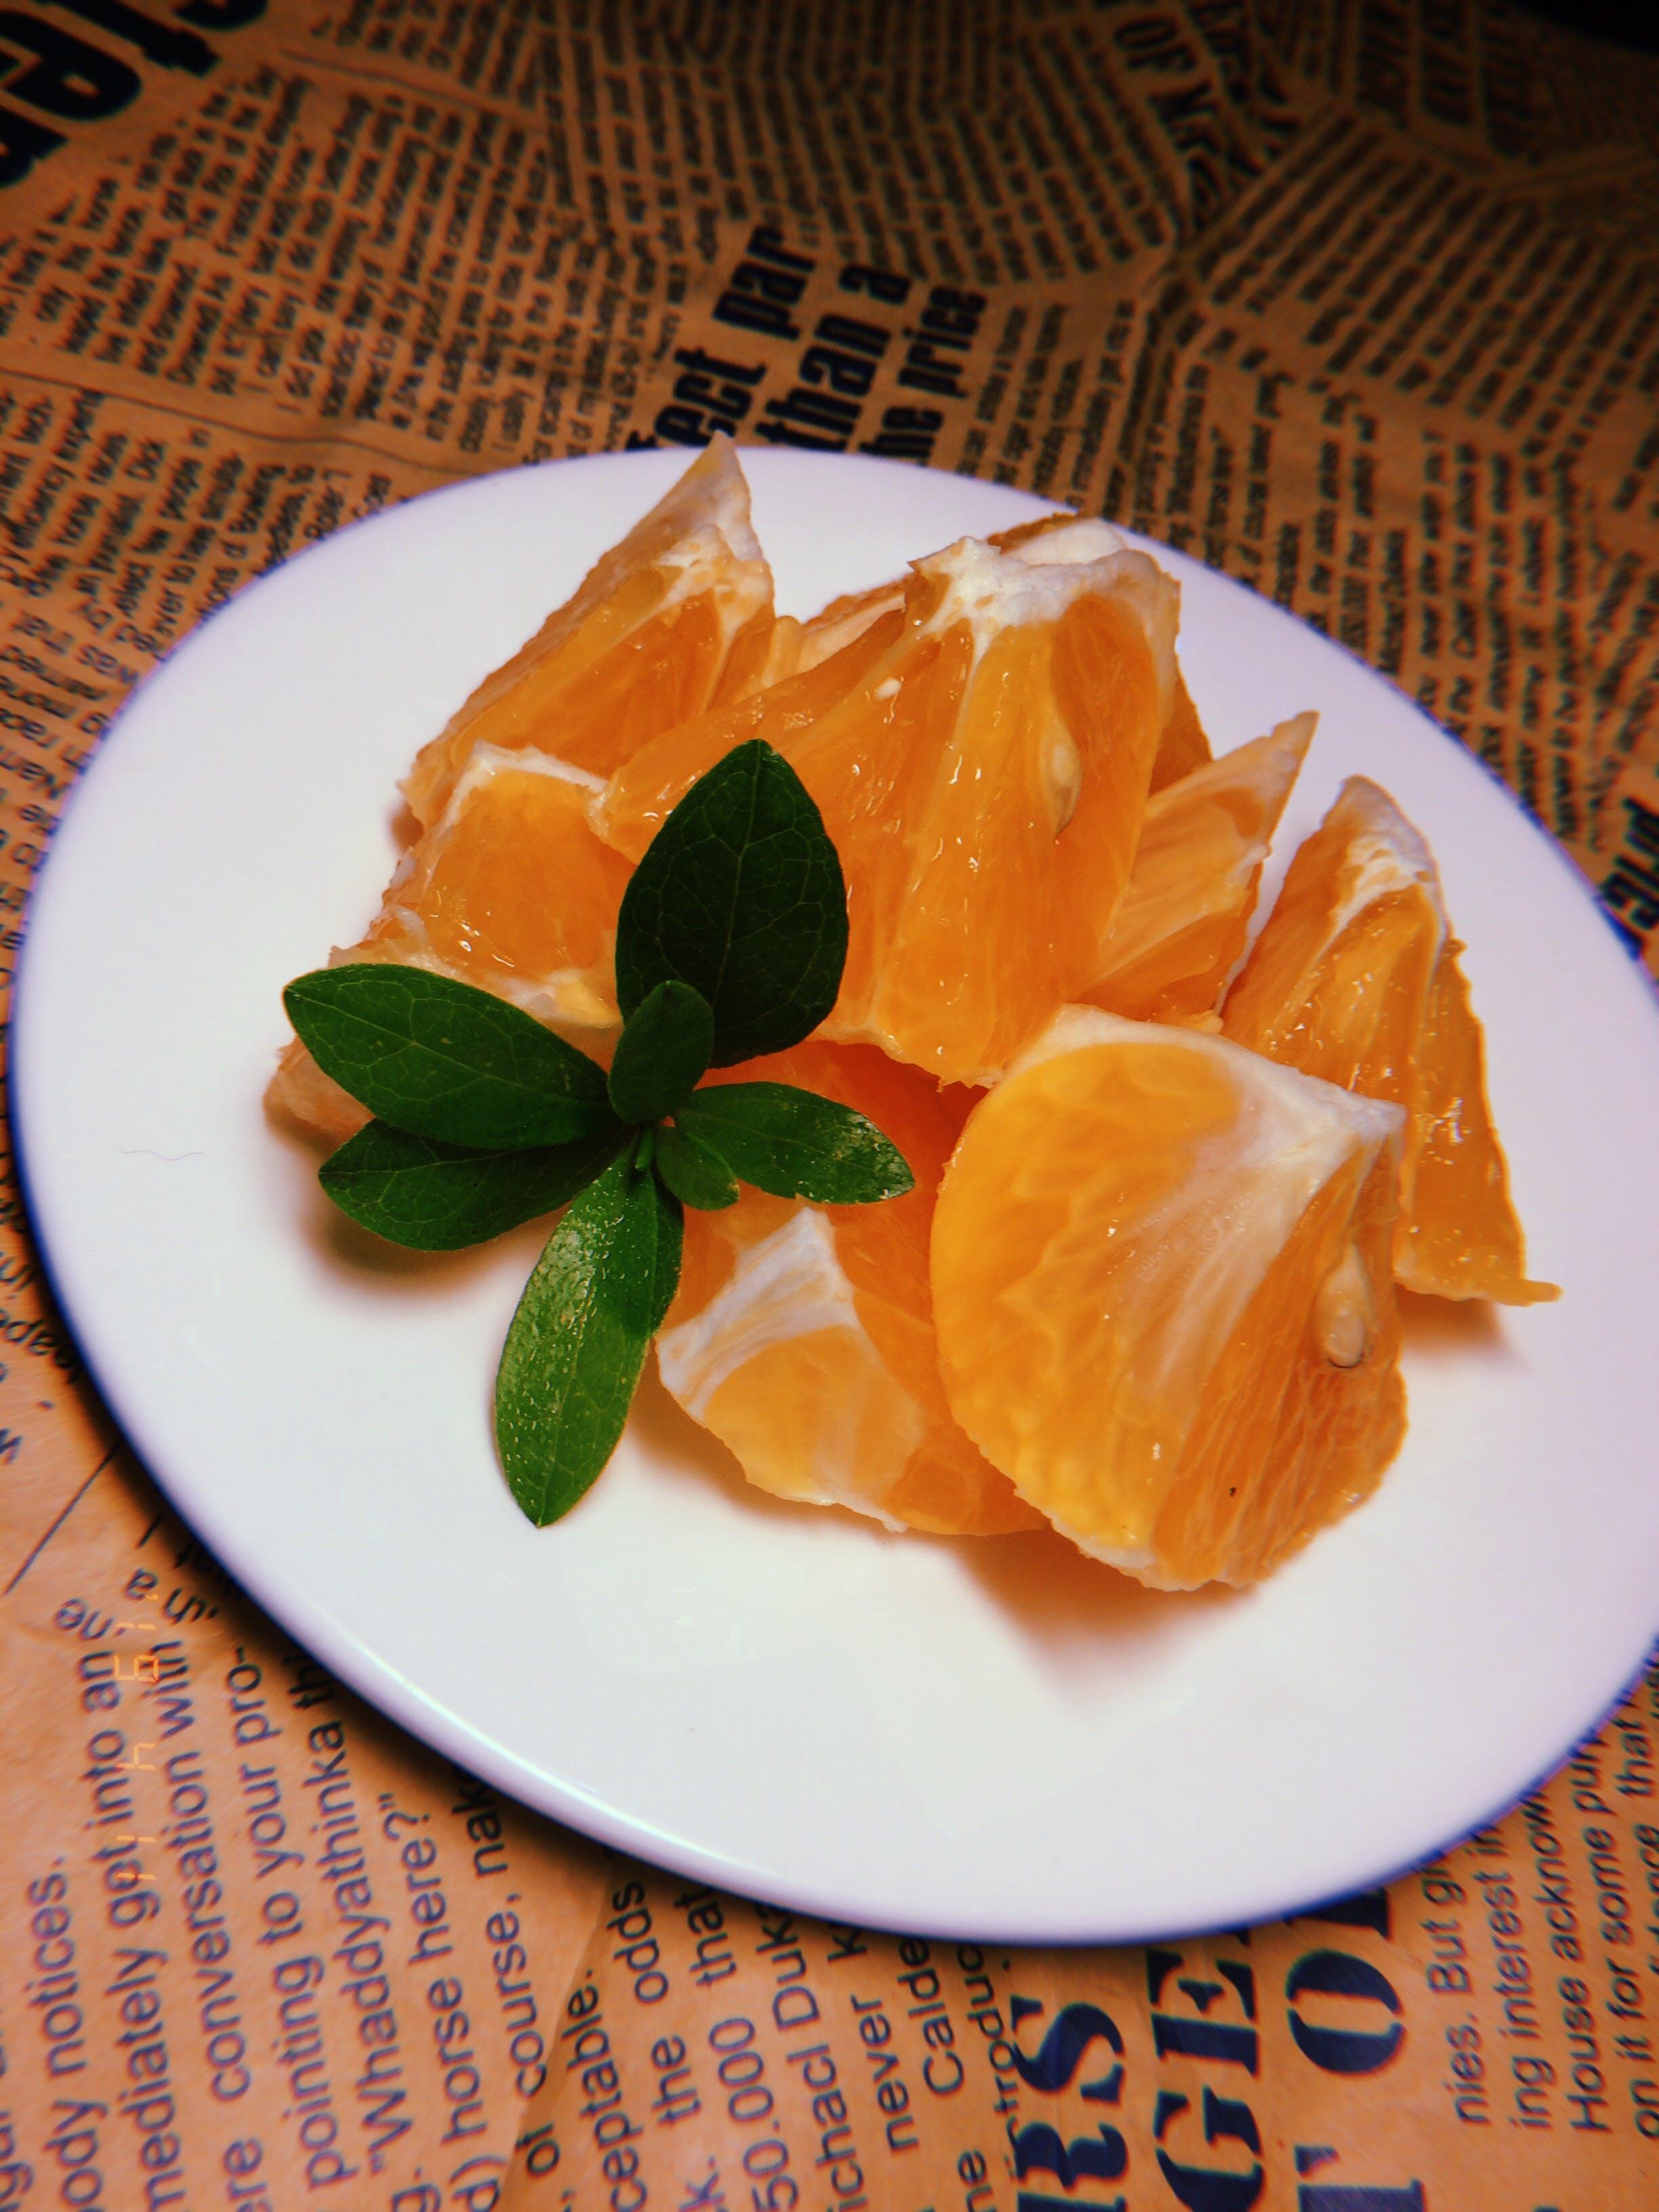 Gratis lagerfoto af appelsin, blade, citrusfrugt, delikat